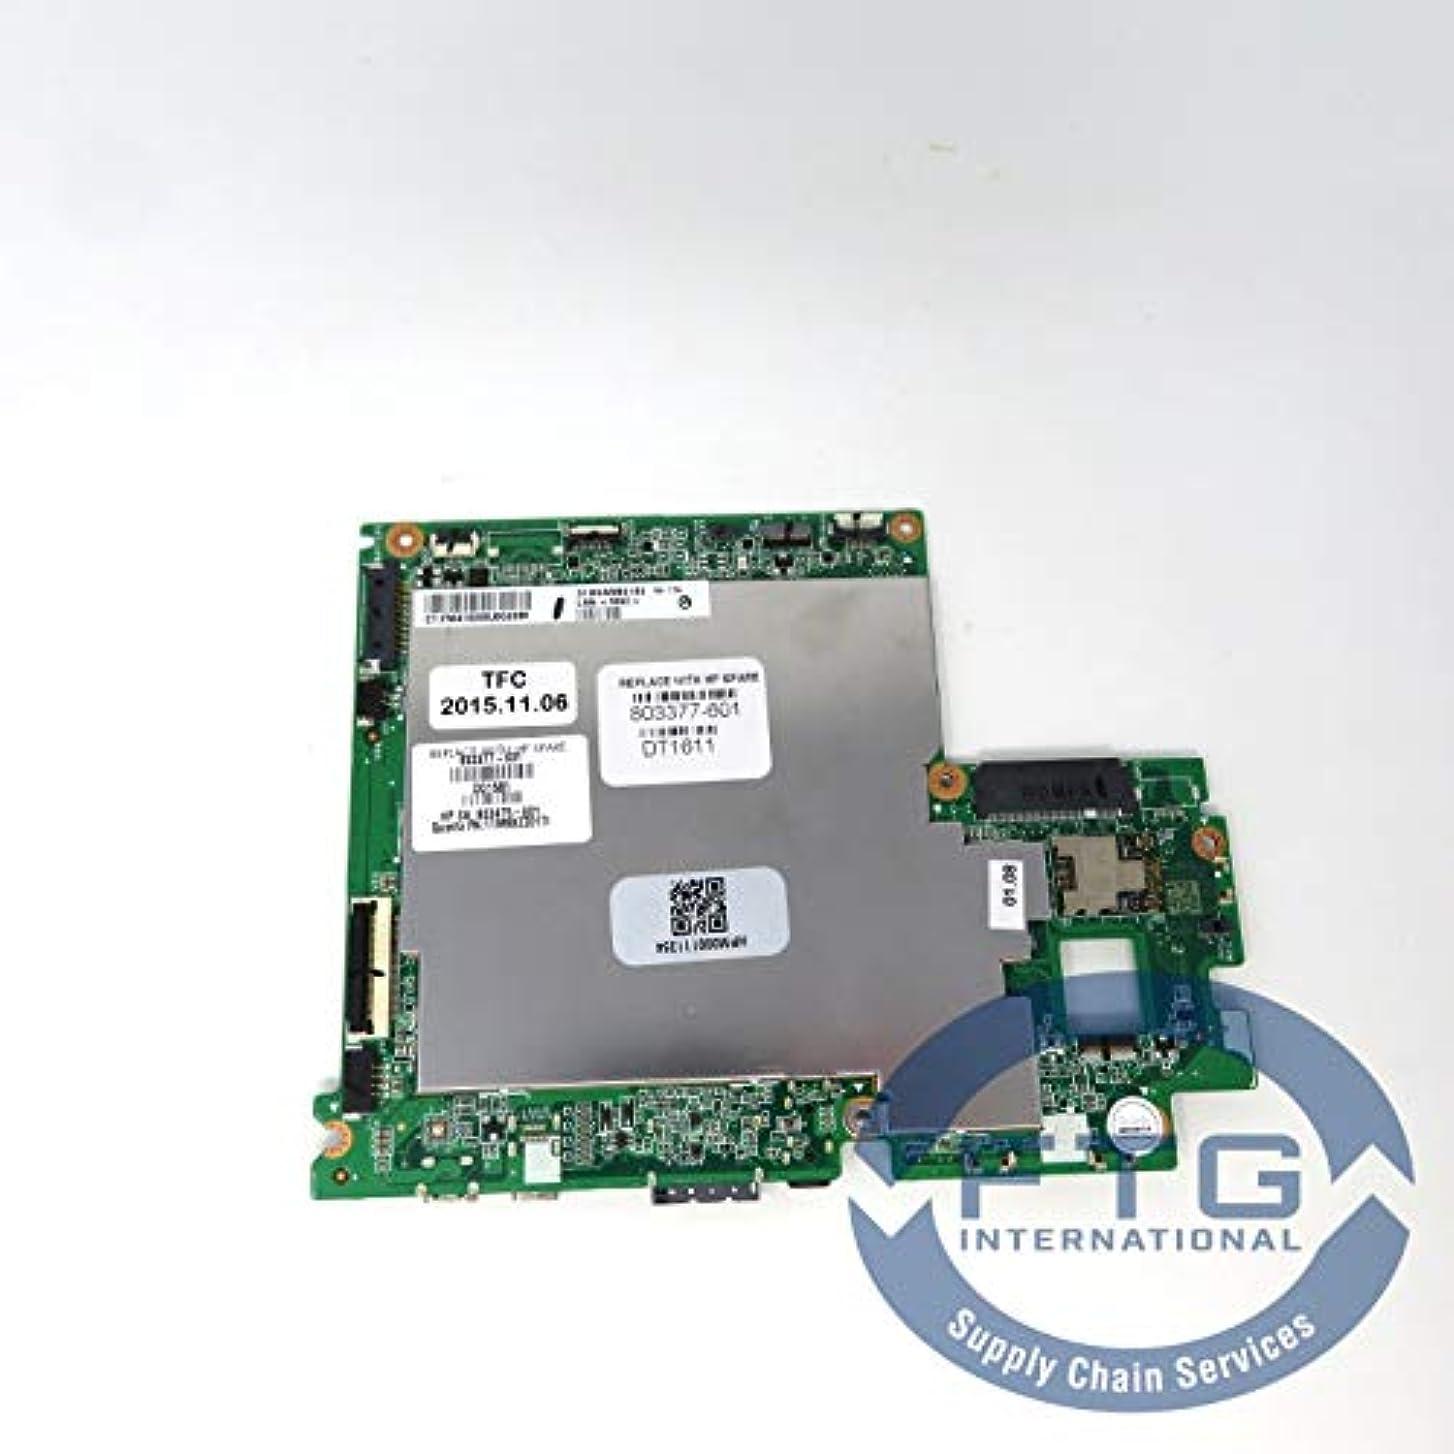 アート重大準備したFTG International 803377-601/803475-601 システムボード (マザーボード) - Intel Atom Z373付き